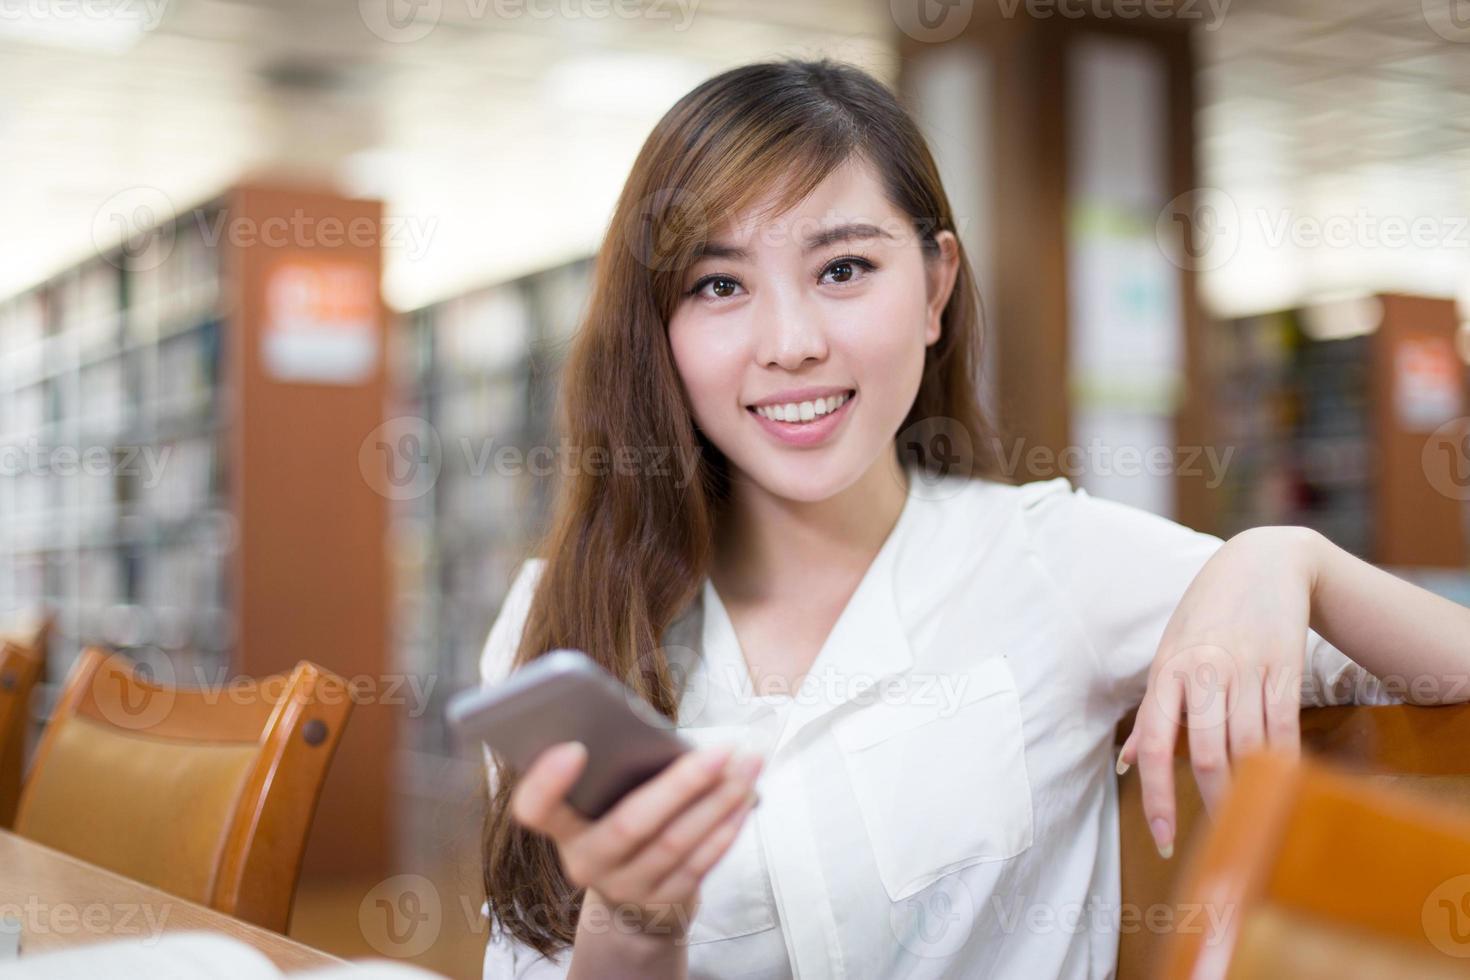 asiatische schöne Studentin mit Laptop und Handy foto